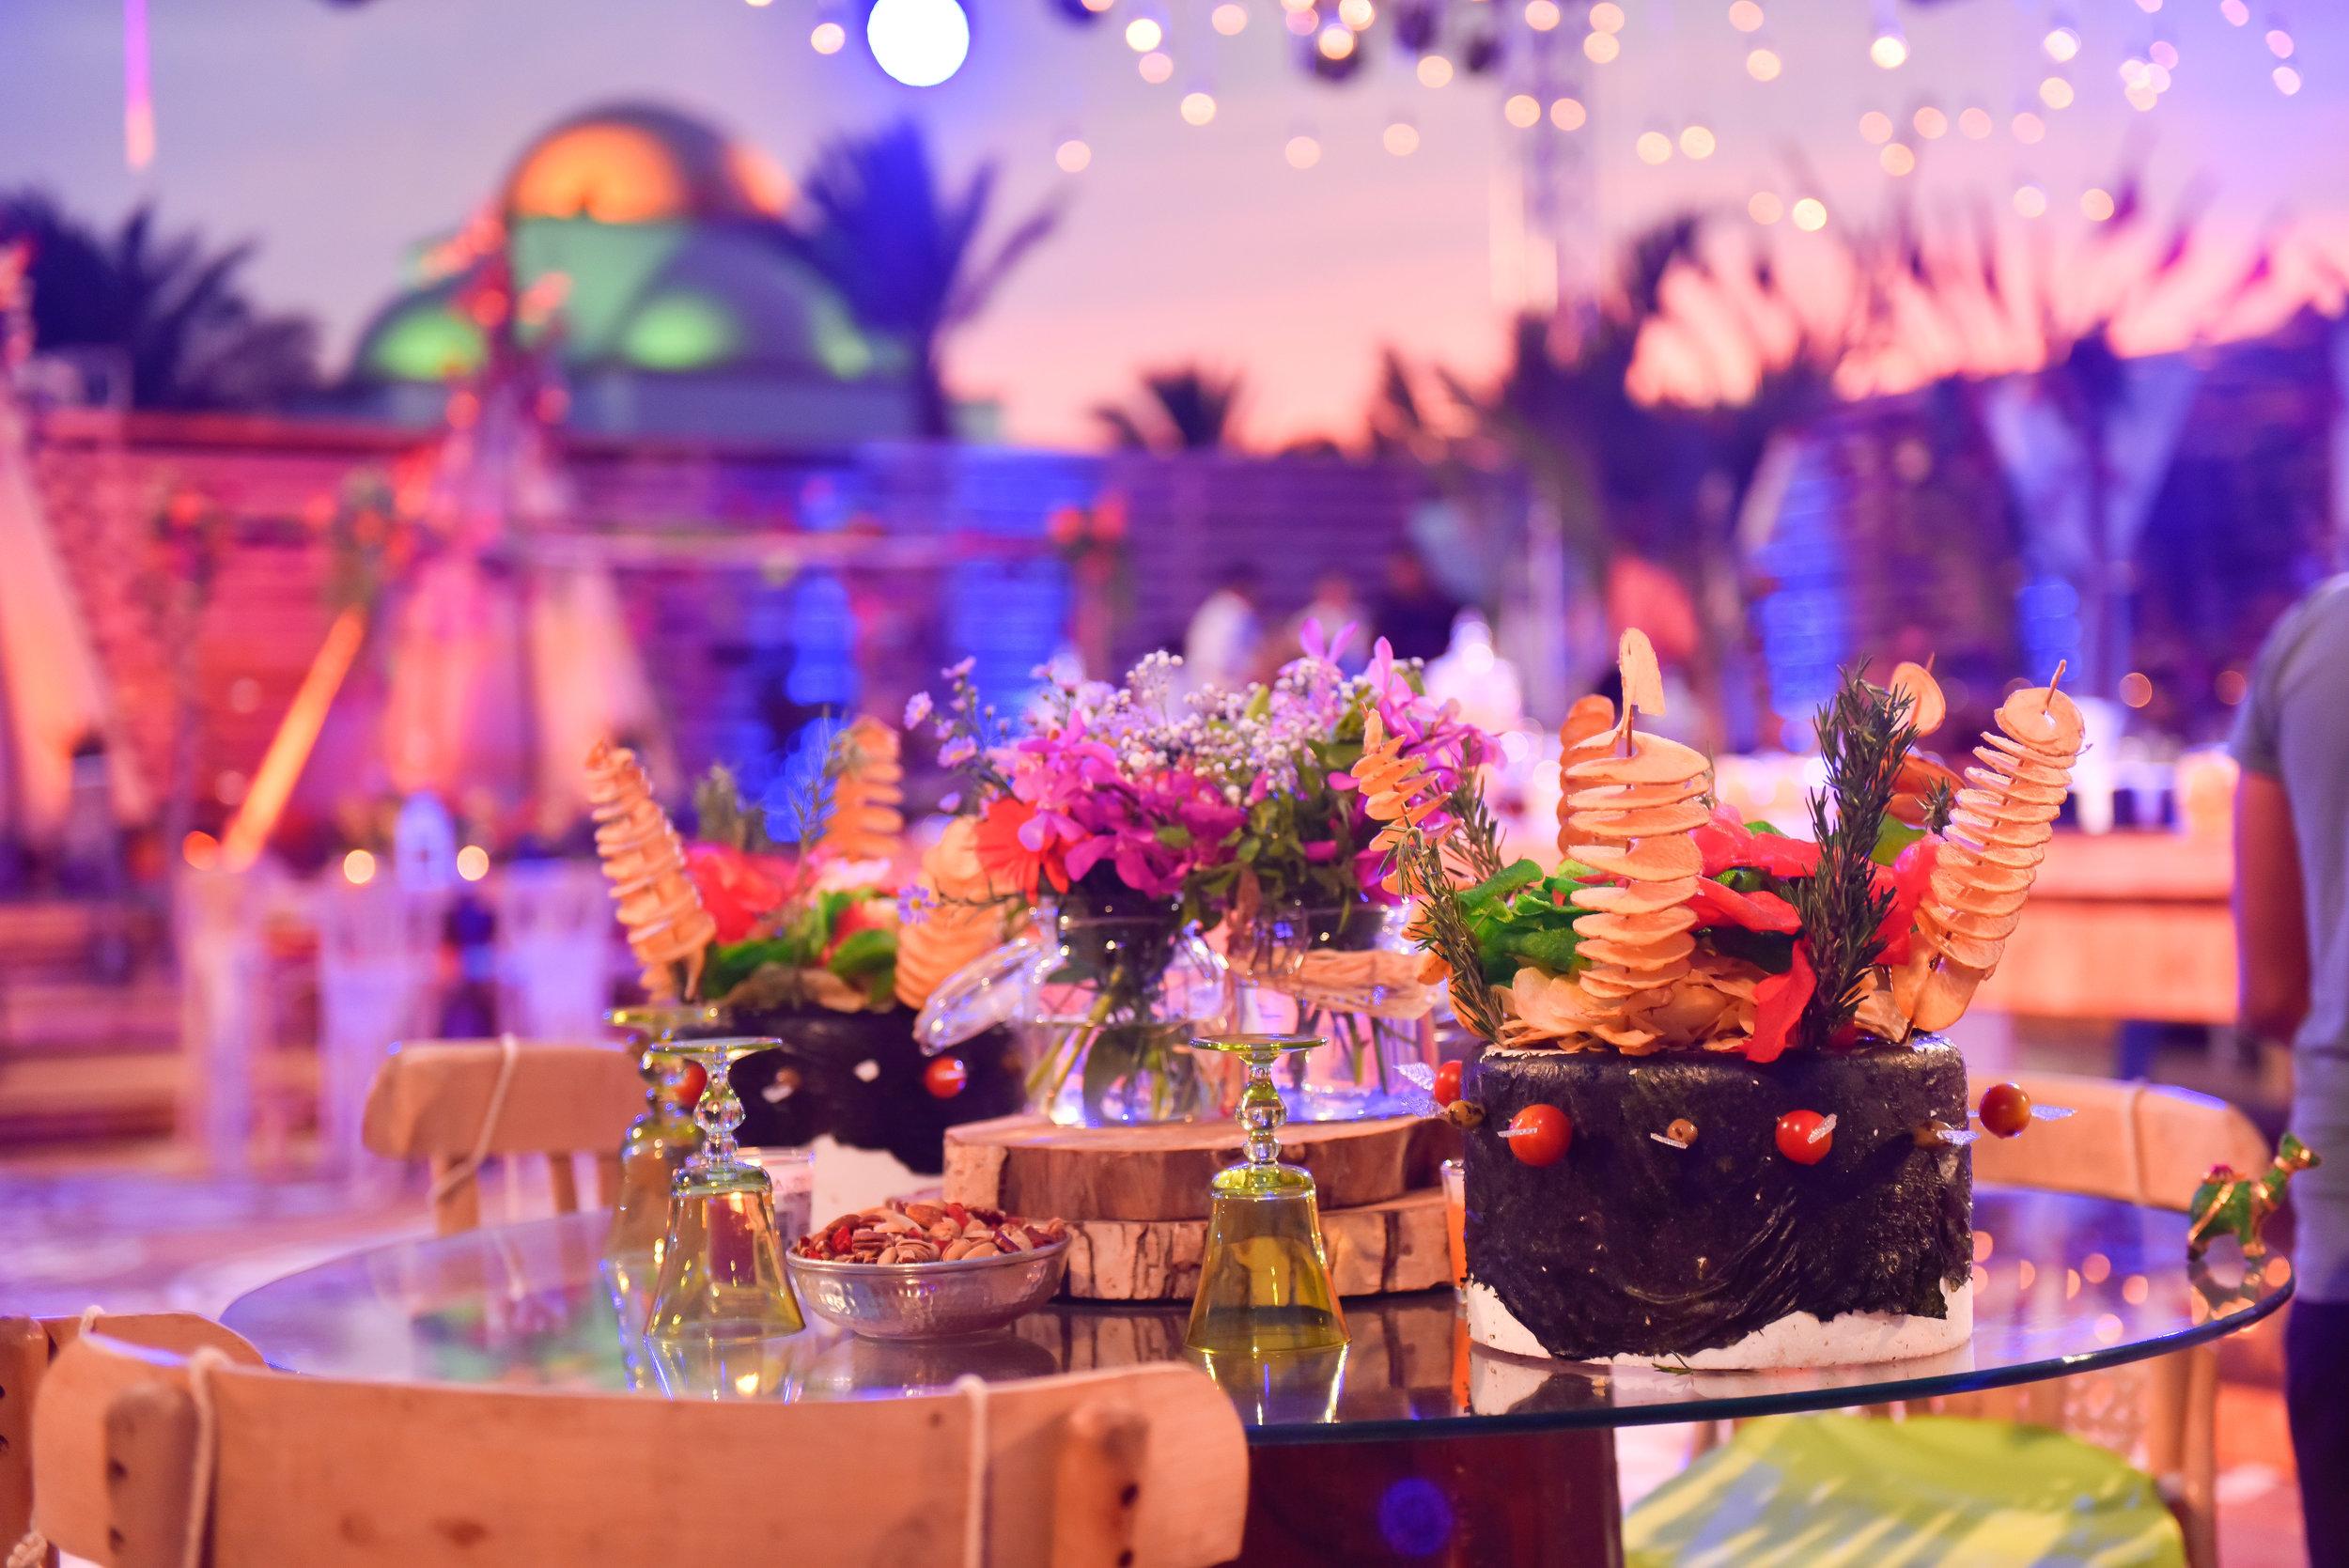 Celestial Wedding MK byganz 2017